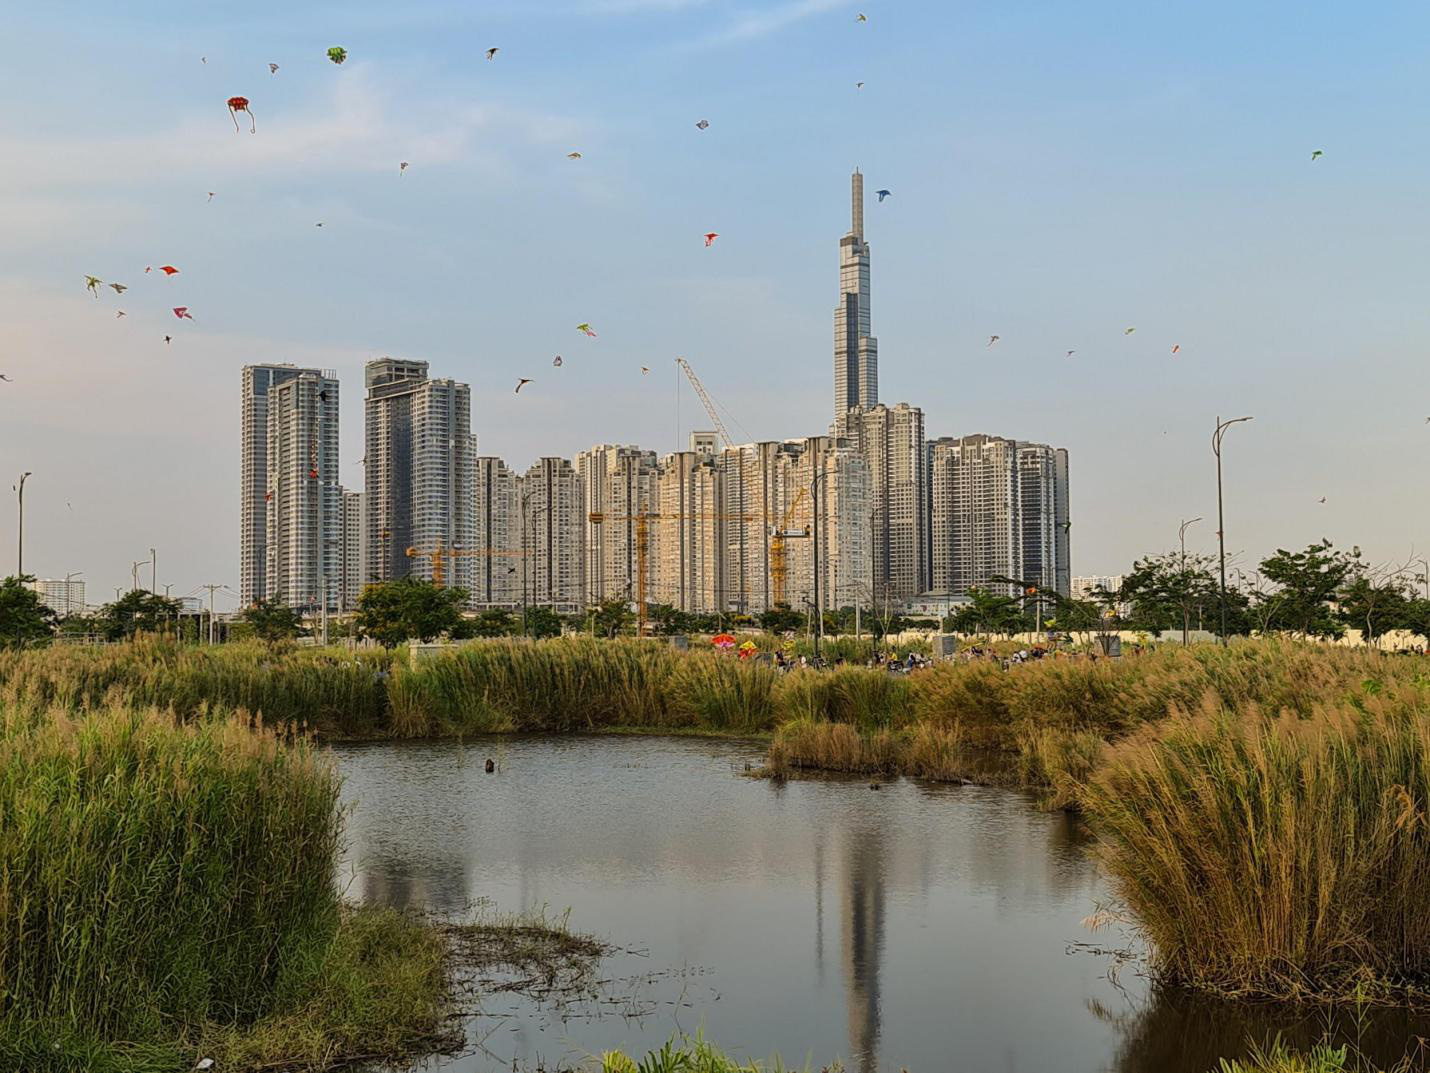 Ở nhà tranh thủ ngắm nhìn Sài Gòn ngay lúc này: nhận ra nhiều điều hay, vẻ đẹp mình lỡ đánh rơi - Ảnh 9.